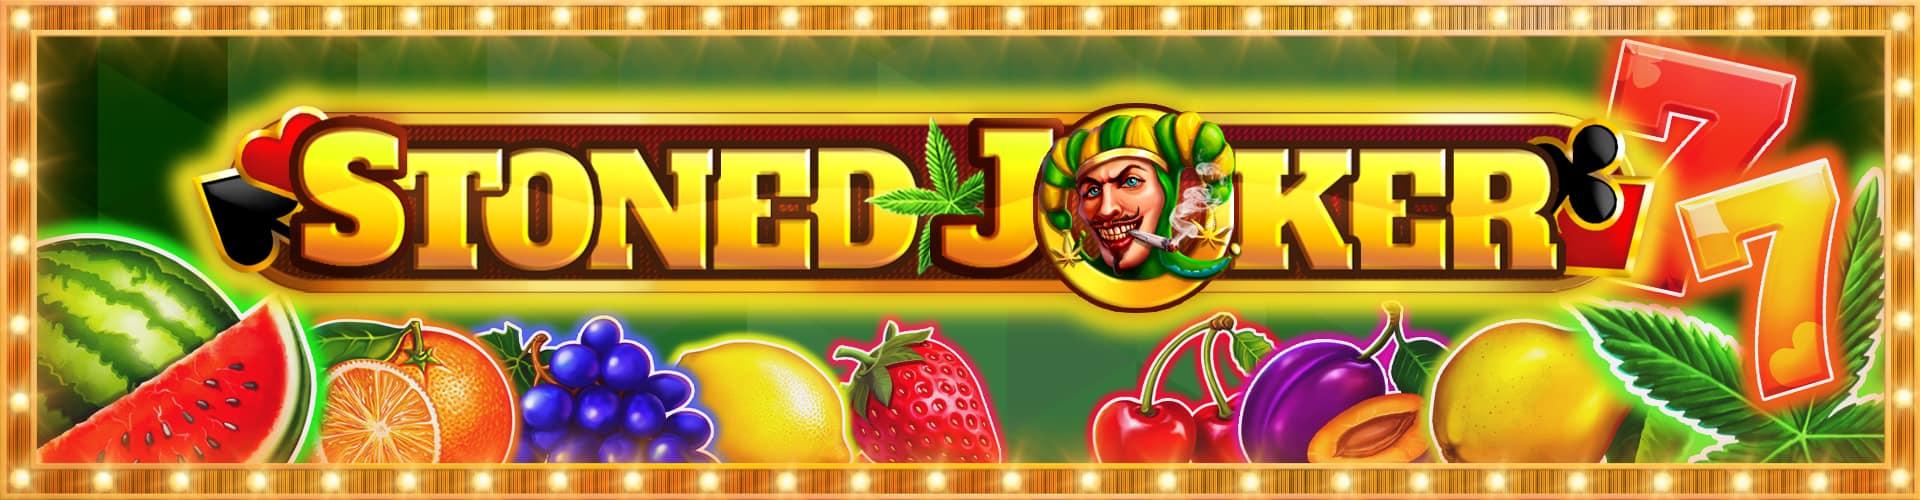 Stoned Joker Fugaso